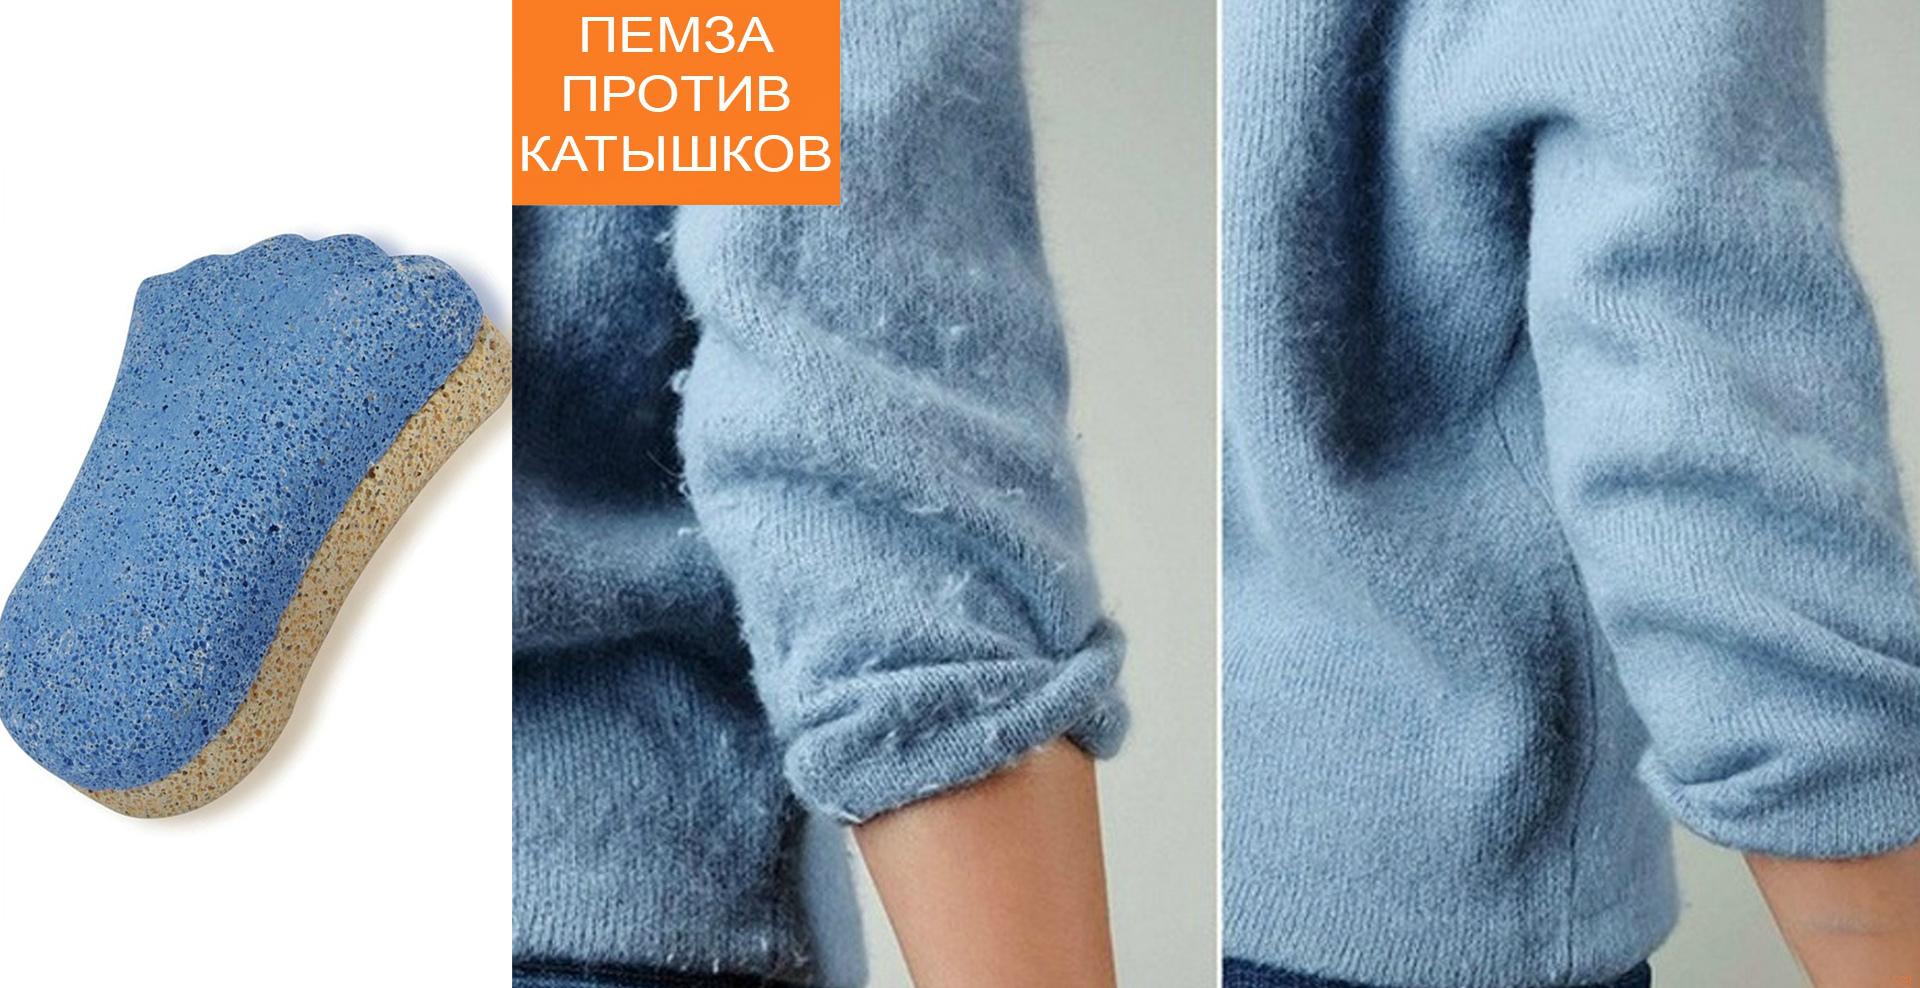 С помощью пемзы очищение одежды